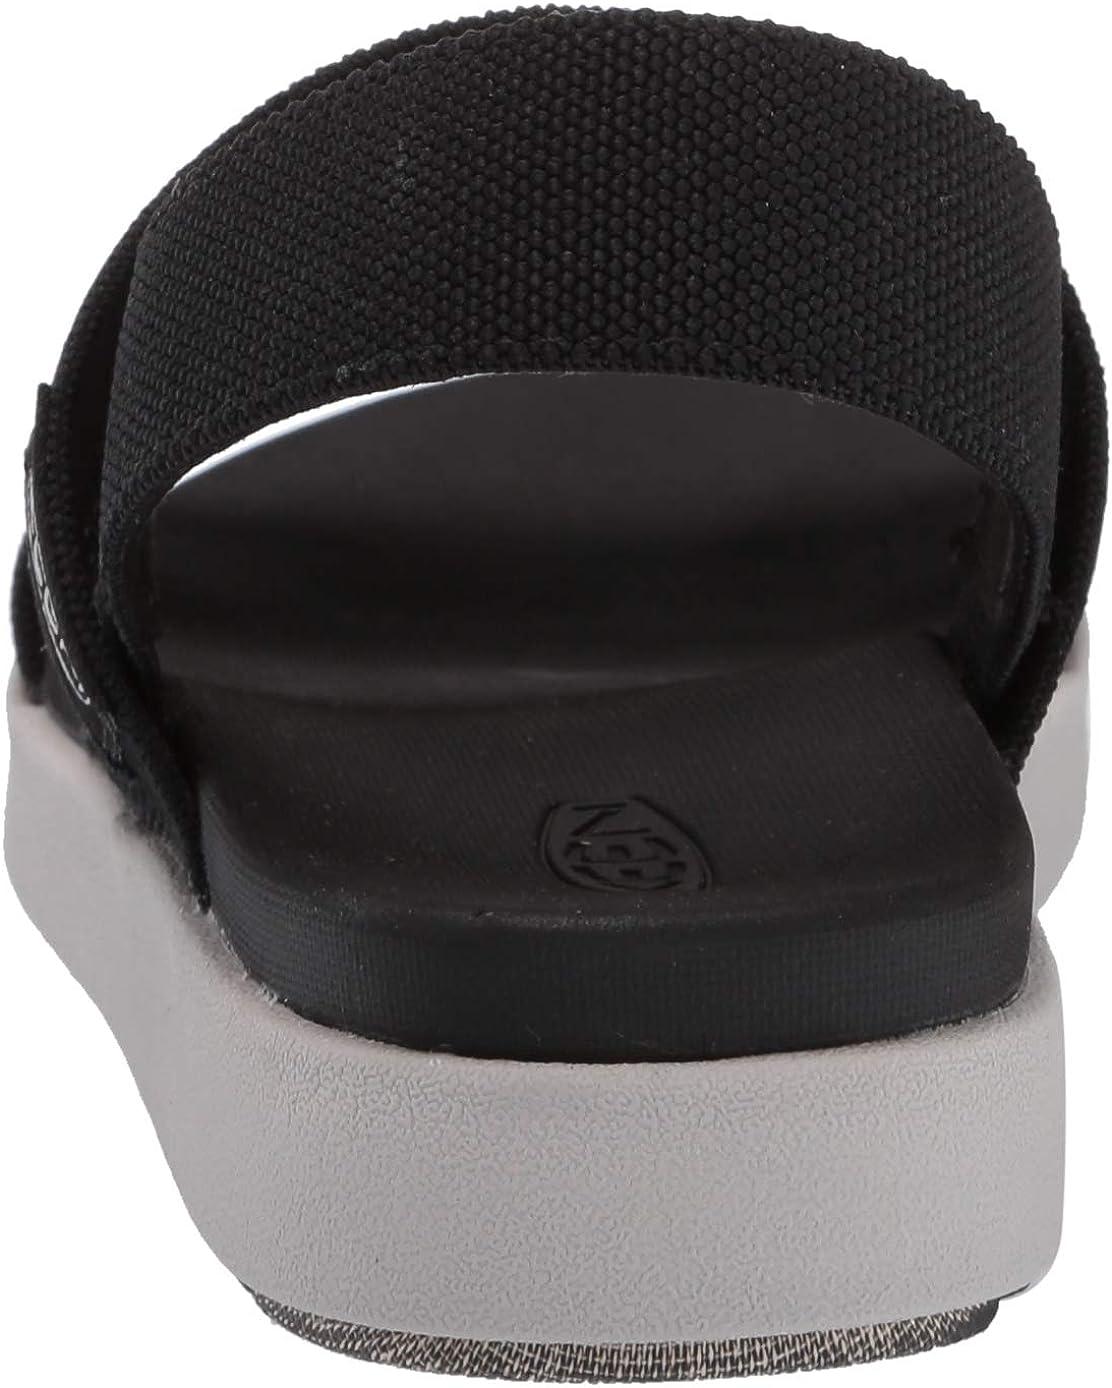 Keen Damen Elle Backstrap Casual Platform Open Toe Sandale